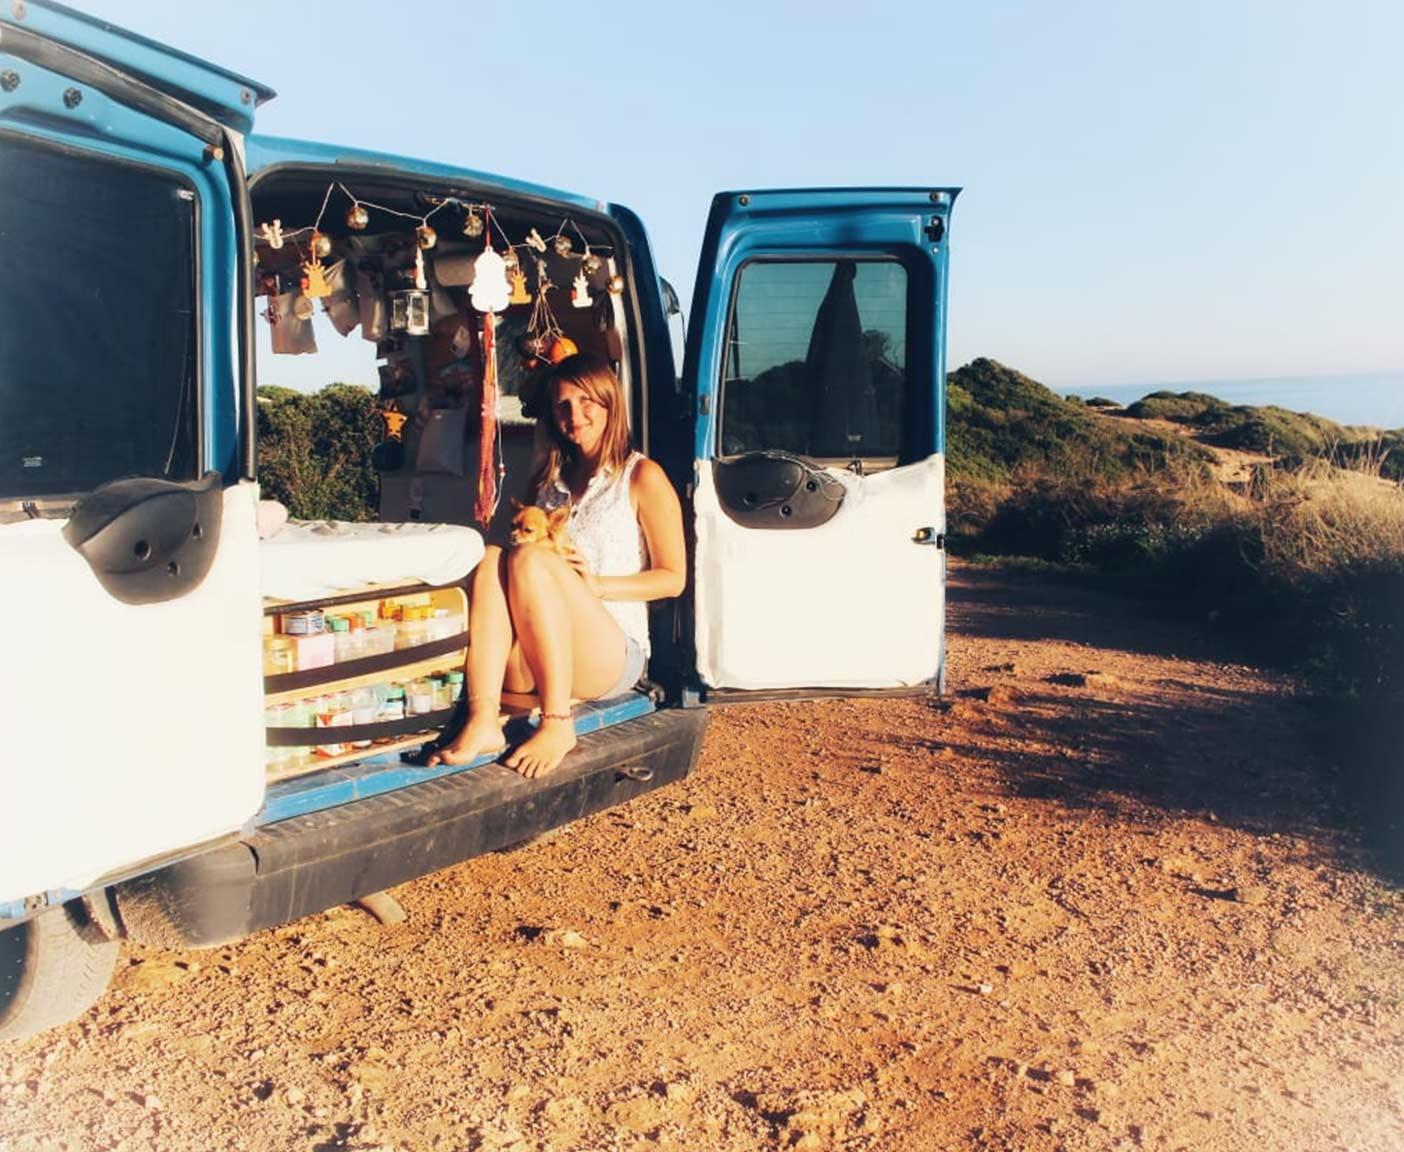 Ford-transit-connect-ladeflÑche-camper-l2-innenausbau-frau-alleine-reisen-mikro-camper